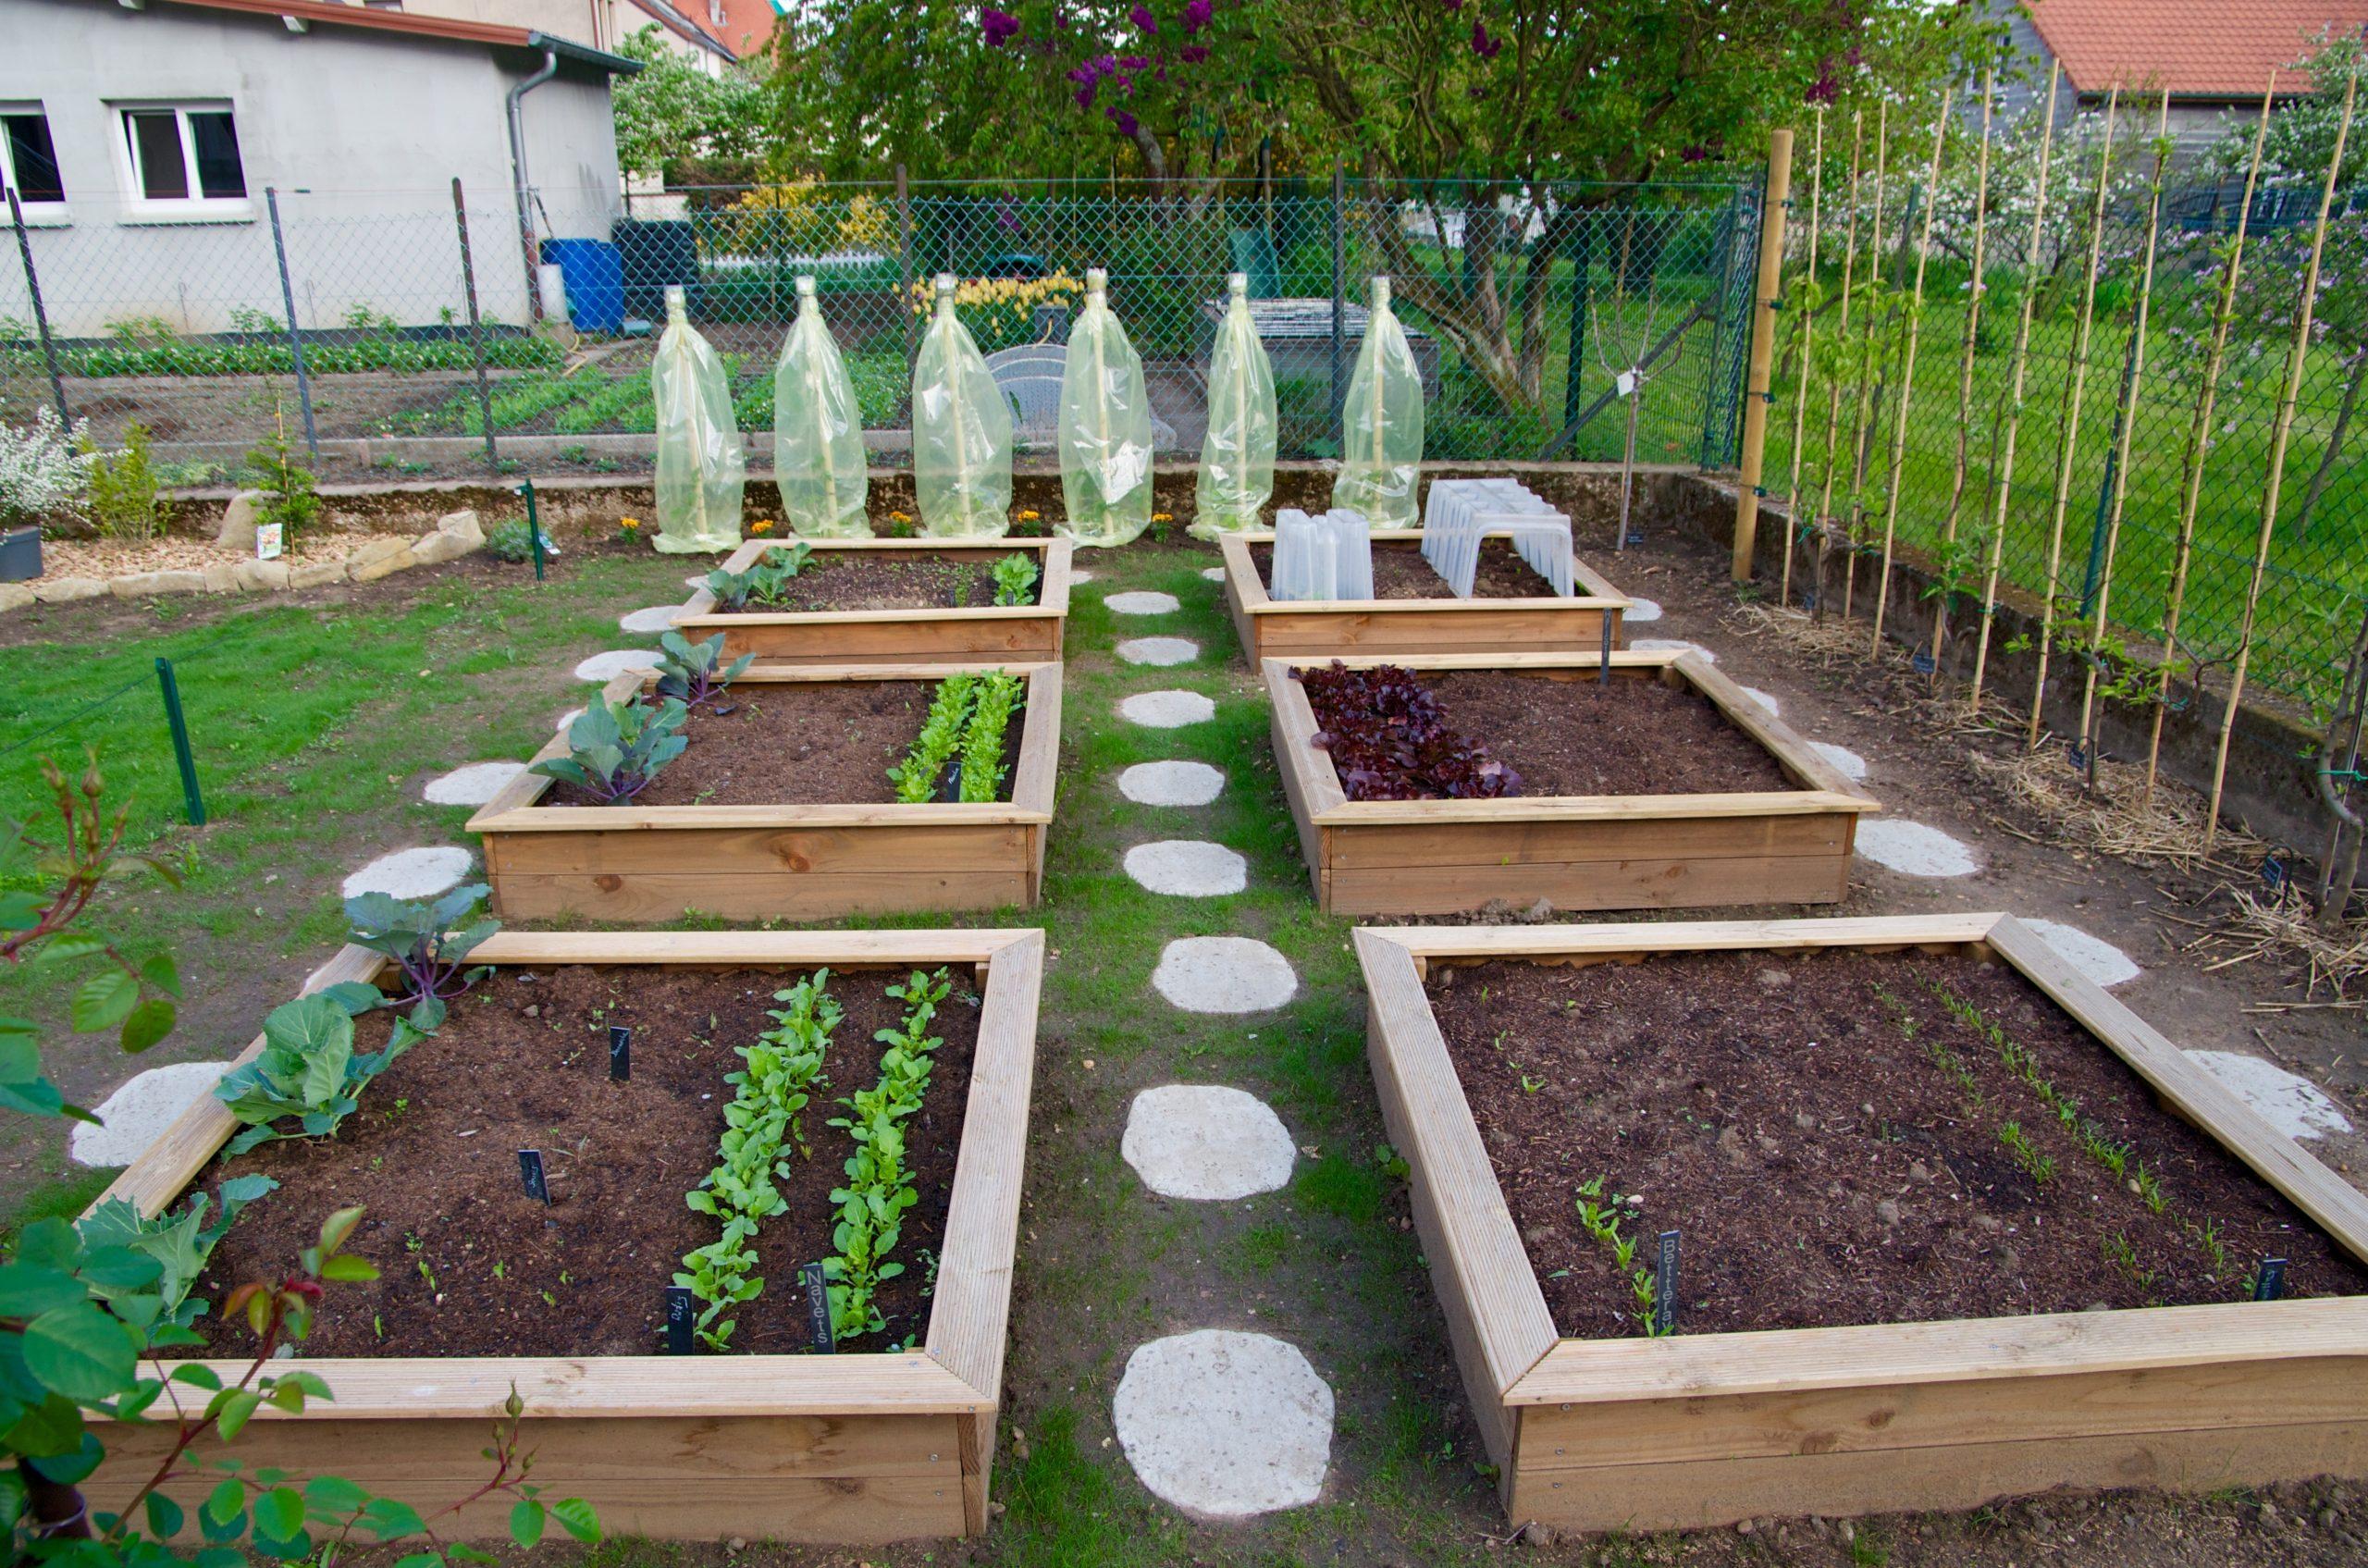 Le Top 5 Des Fruits Et Légumes À Cultiver Dans Son Jardin ... avec Jardin Au Carré